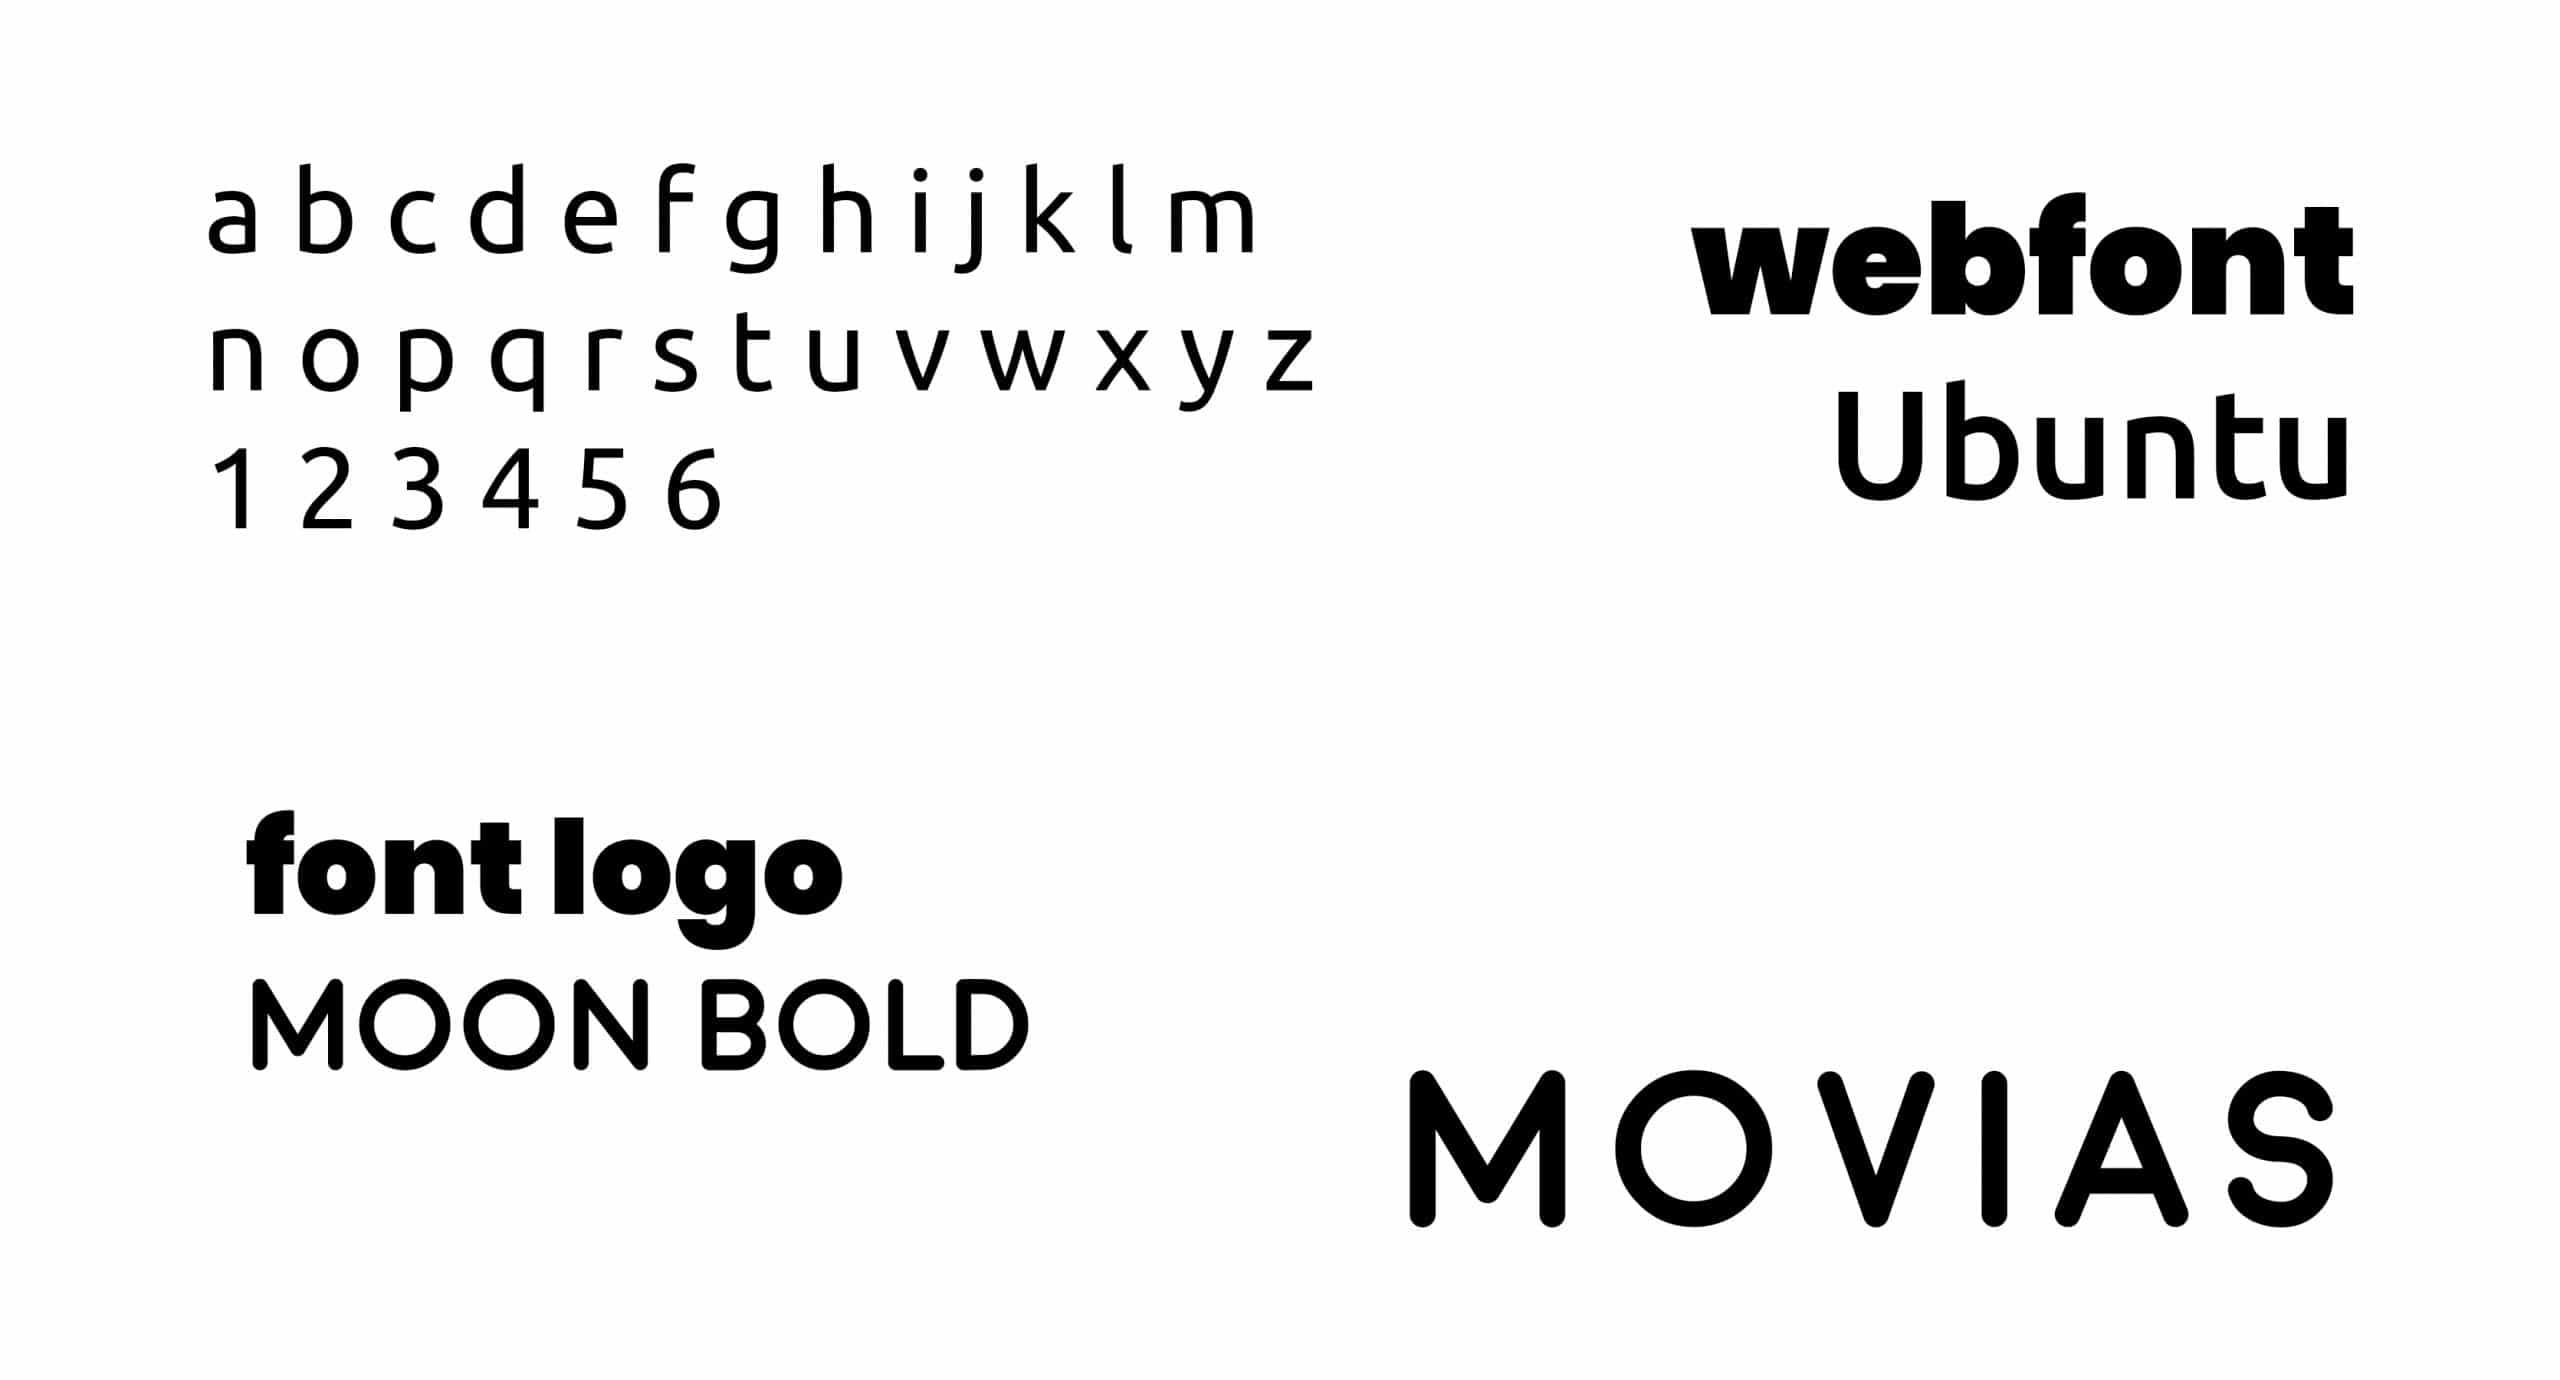 lettertype movias full branding